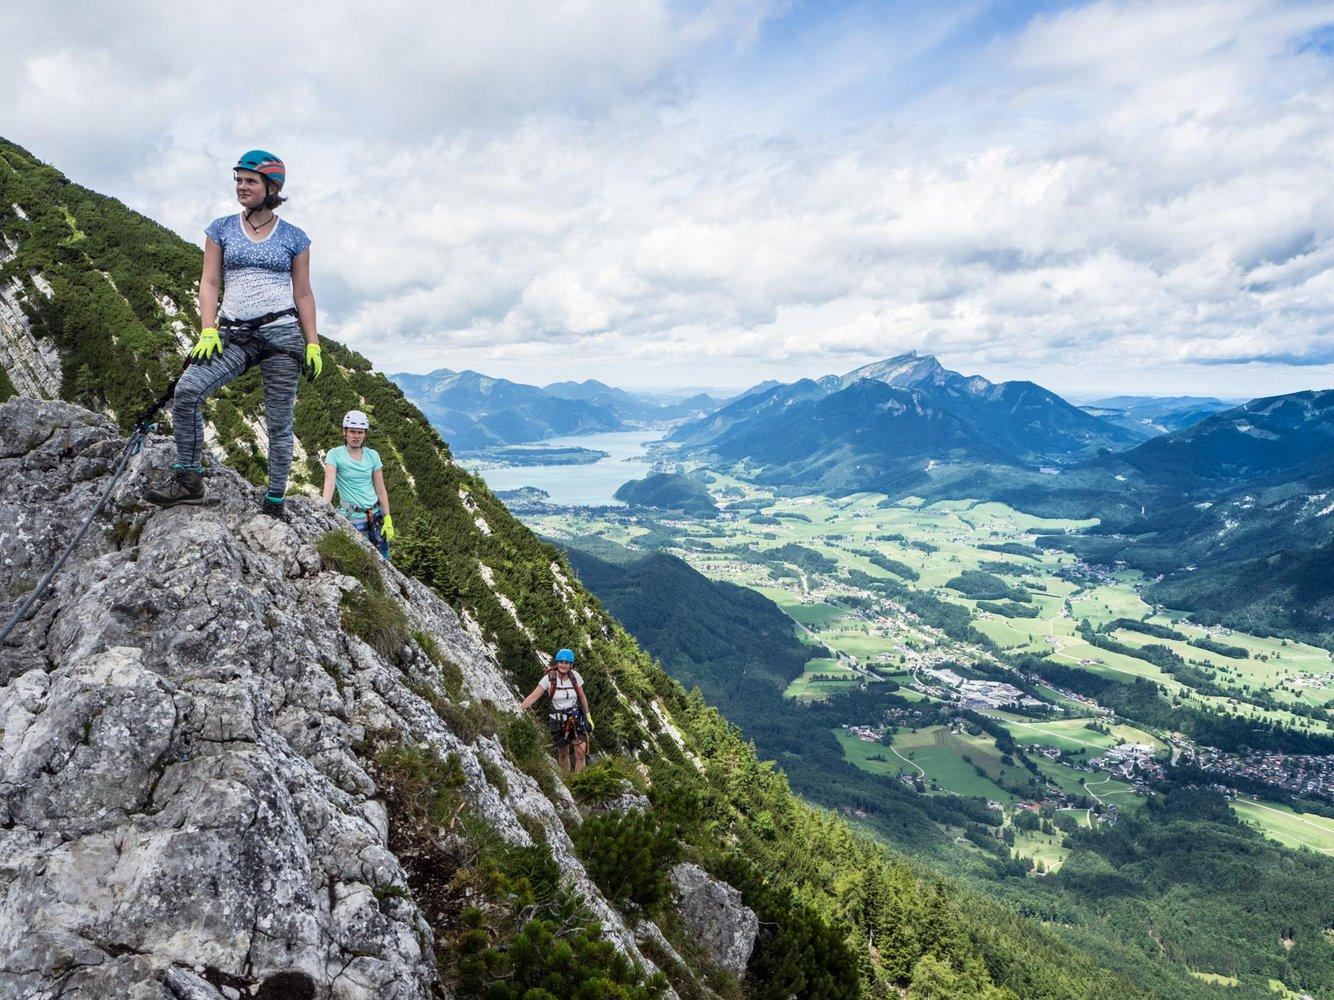 Klettersteig Katrin : Katrin klettersteig bergsteigen